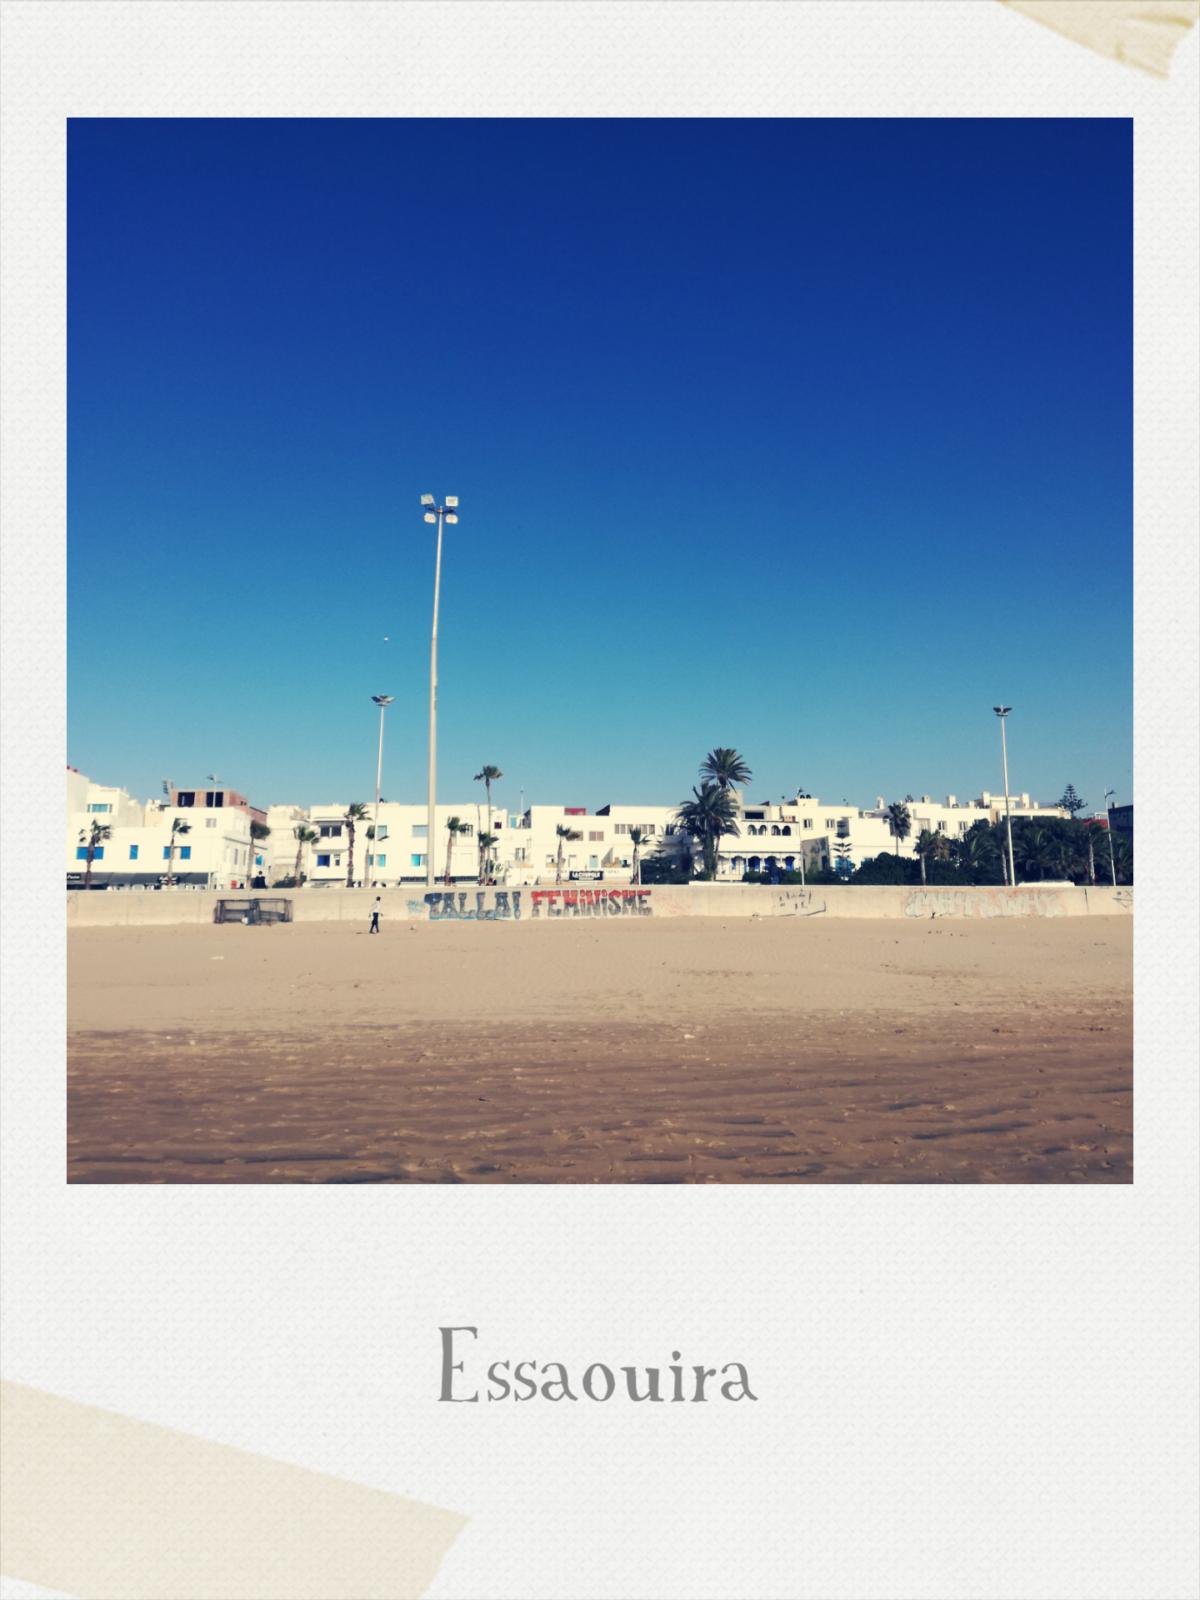 Essaouira, 26 febbraio